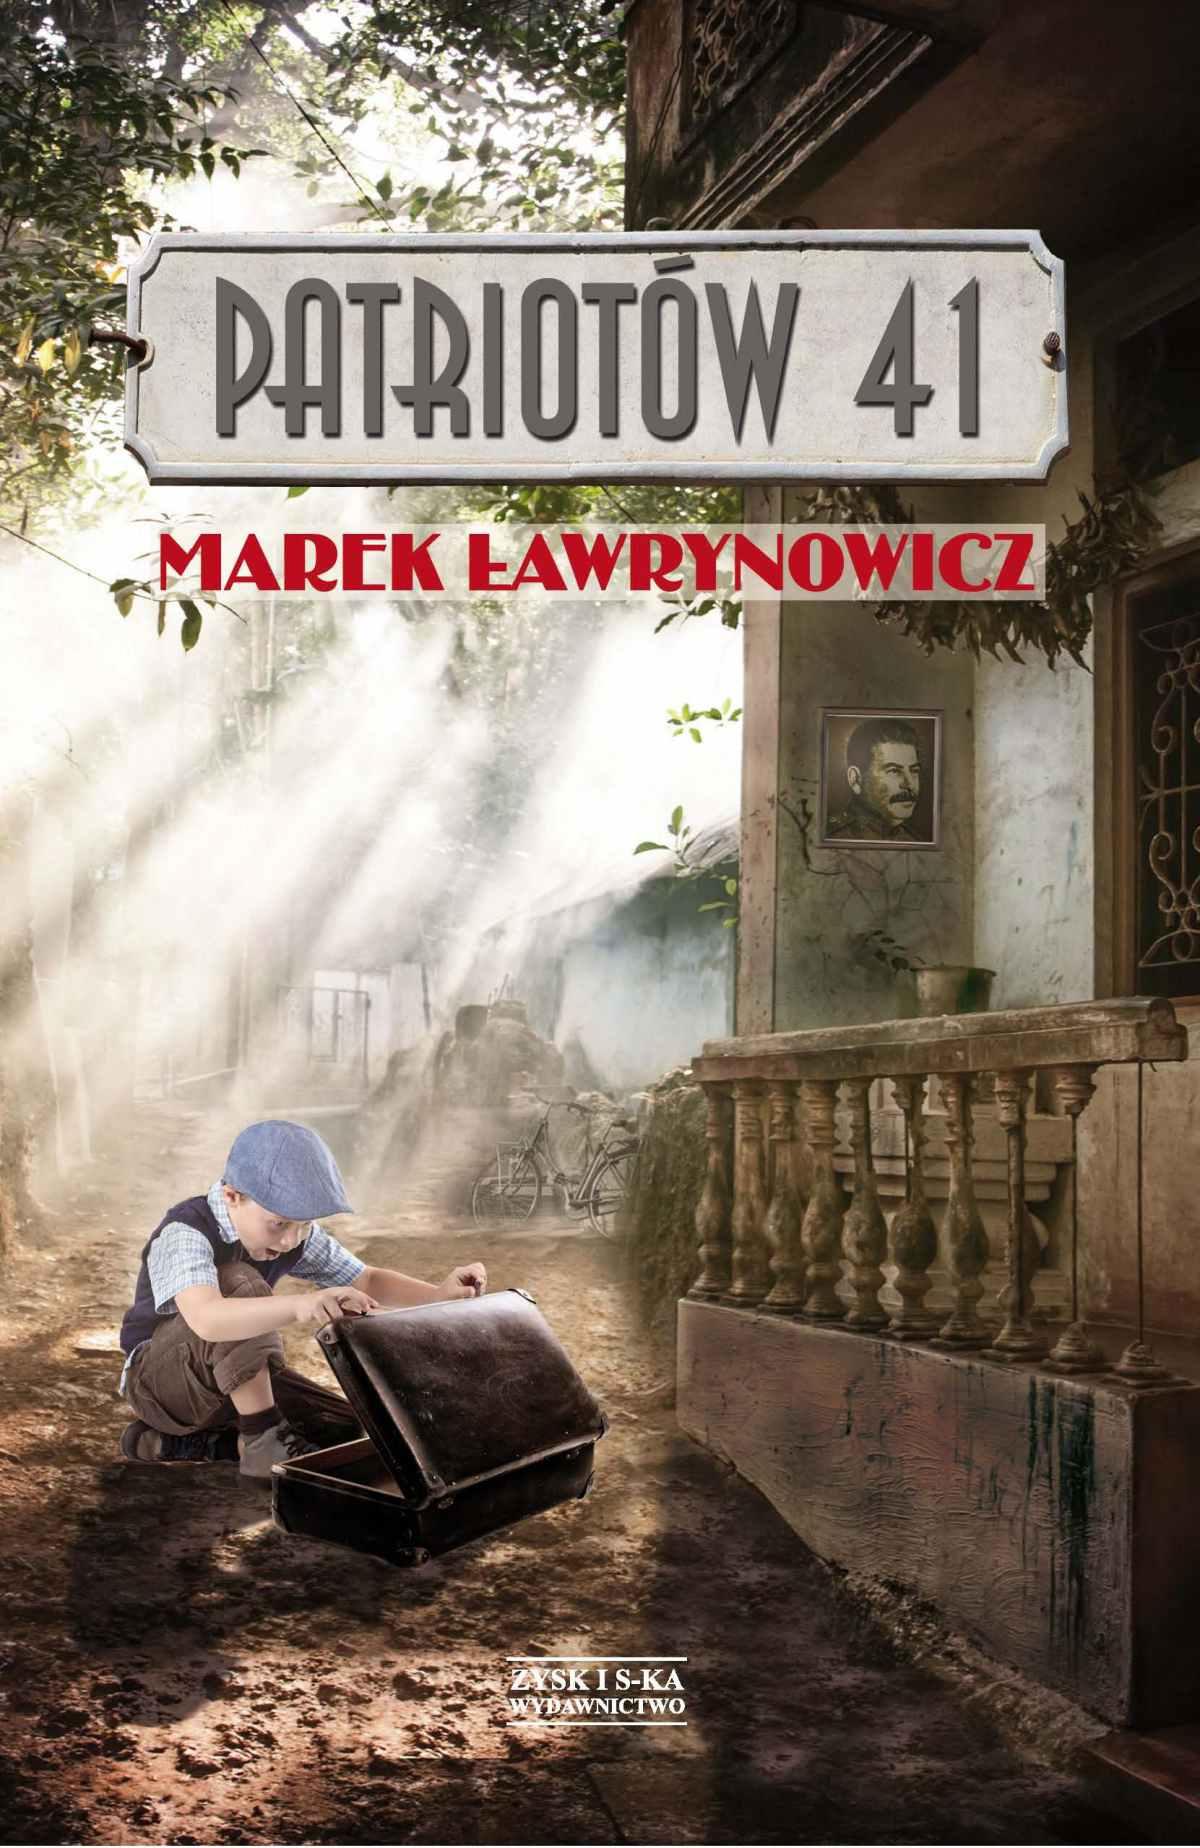 Patriotów 41 - Ebook (Książka EPUB) do pobrania w formacie EPUB